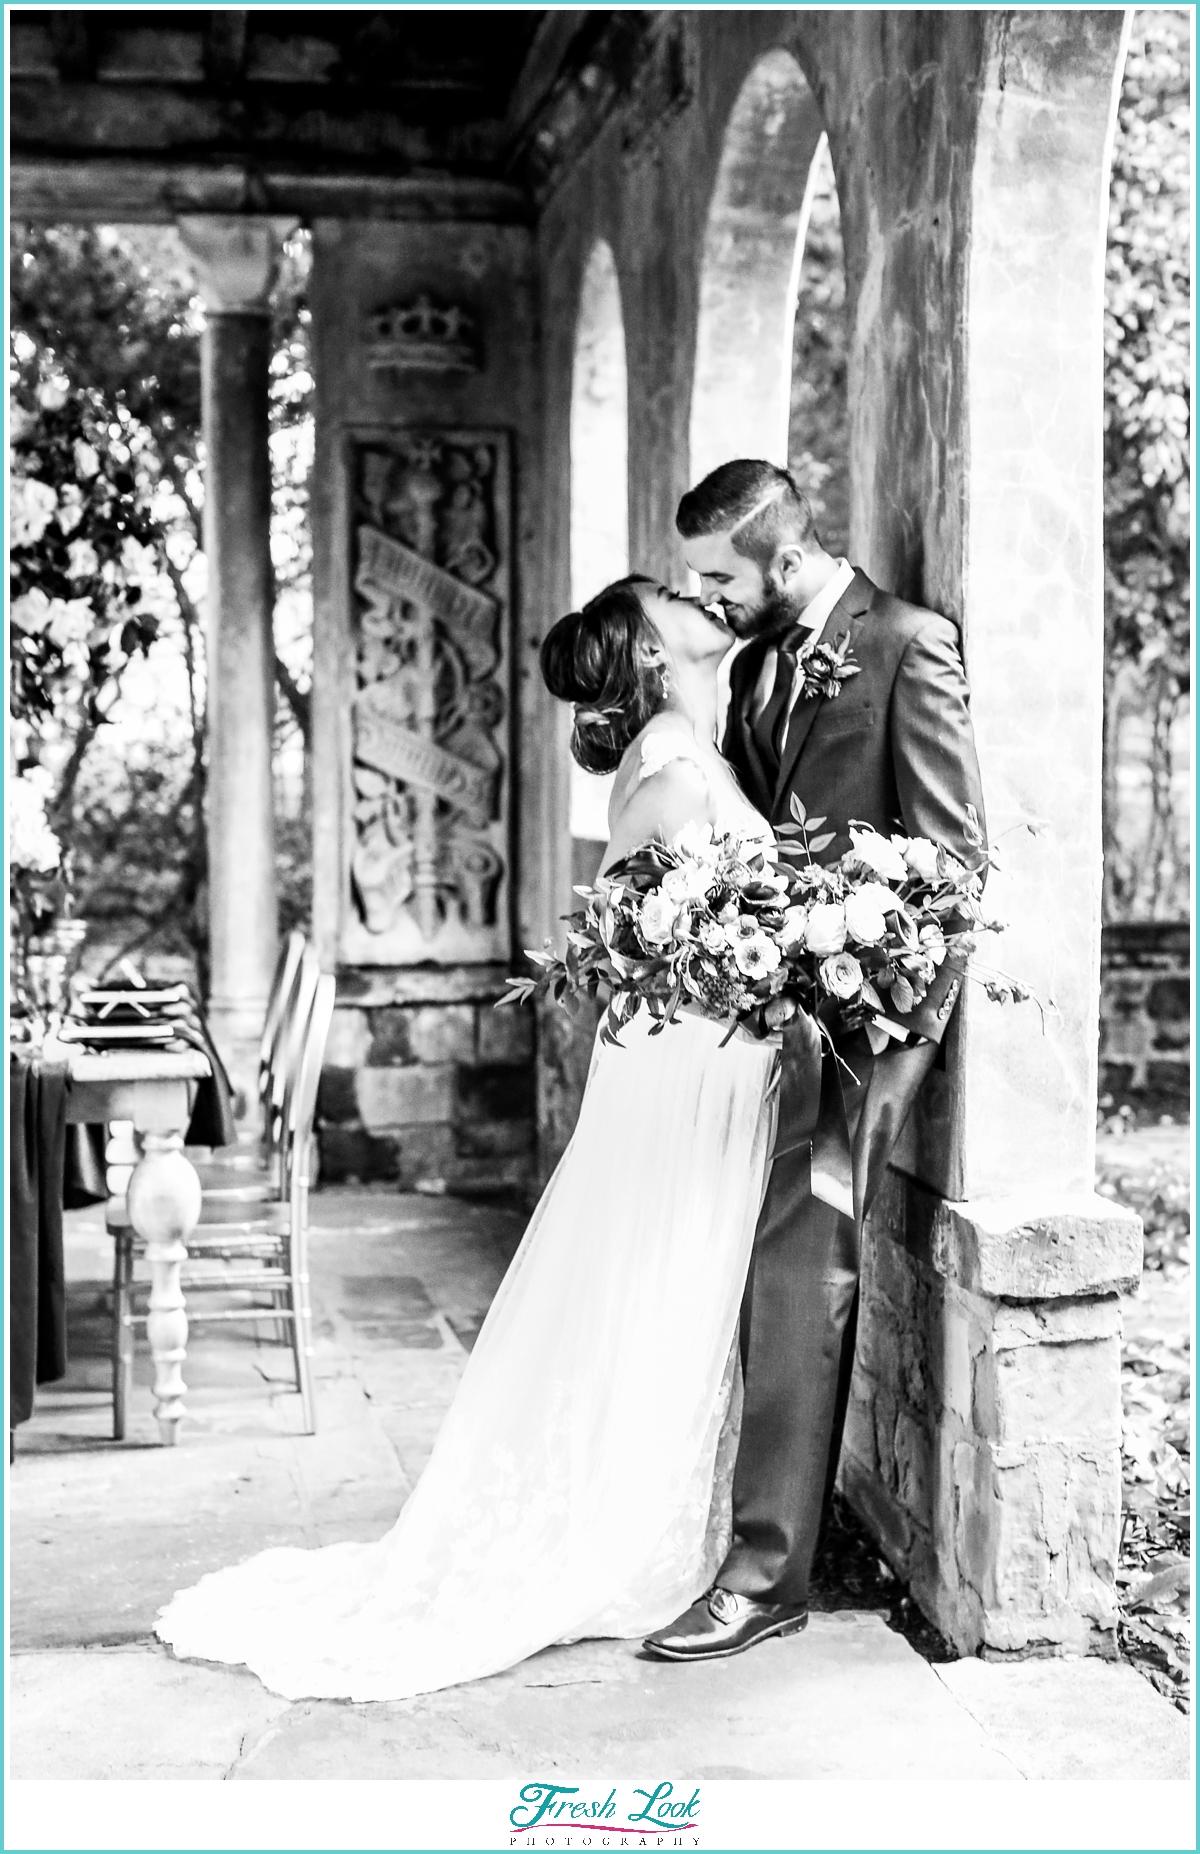 black and white wedding photo ideas